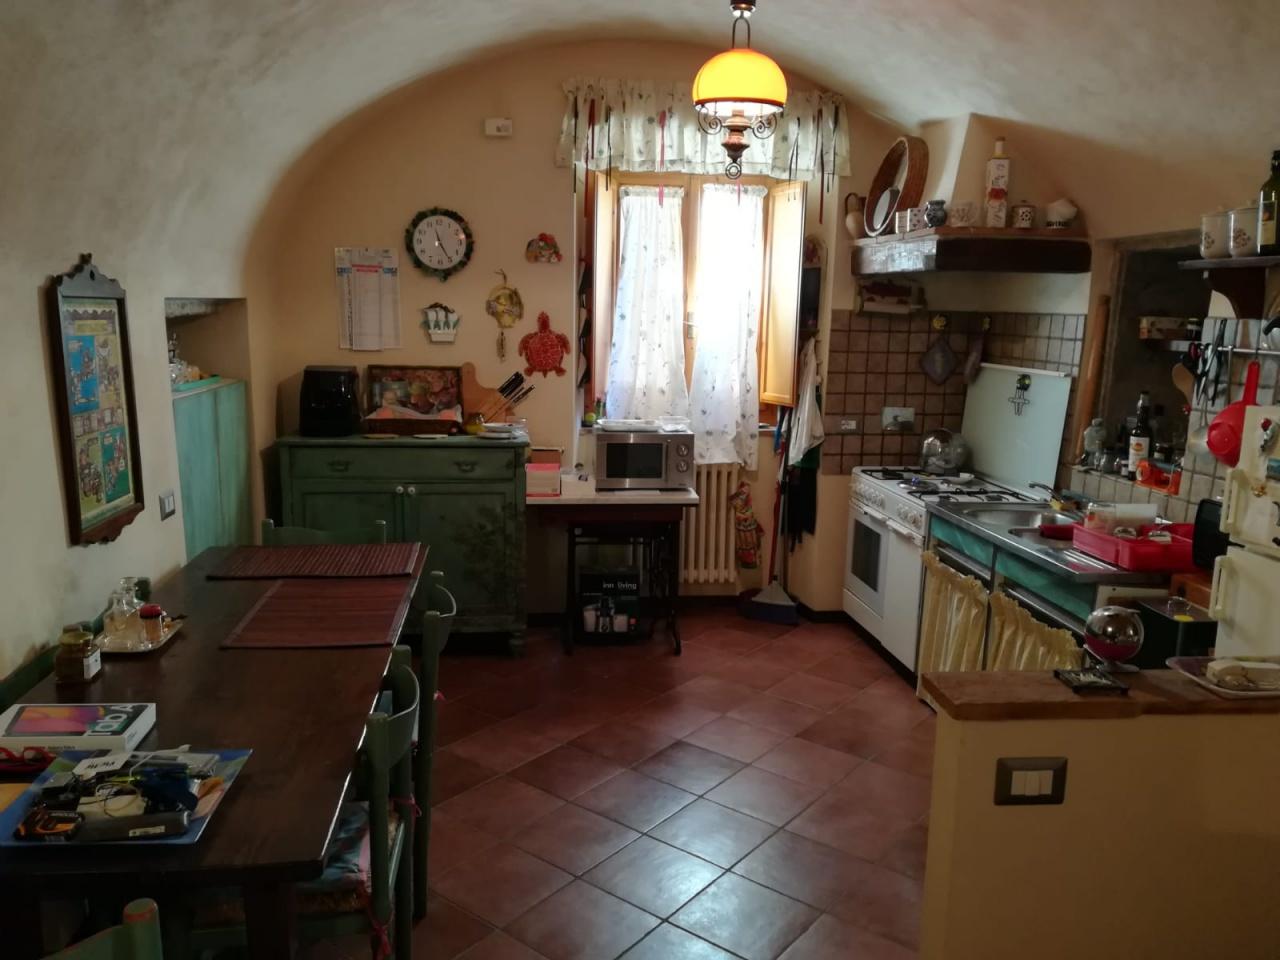 cerca Firenze  San Domenico / Settignano APPARTAMENTO VENDITA